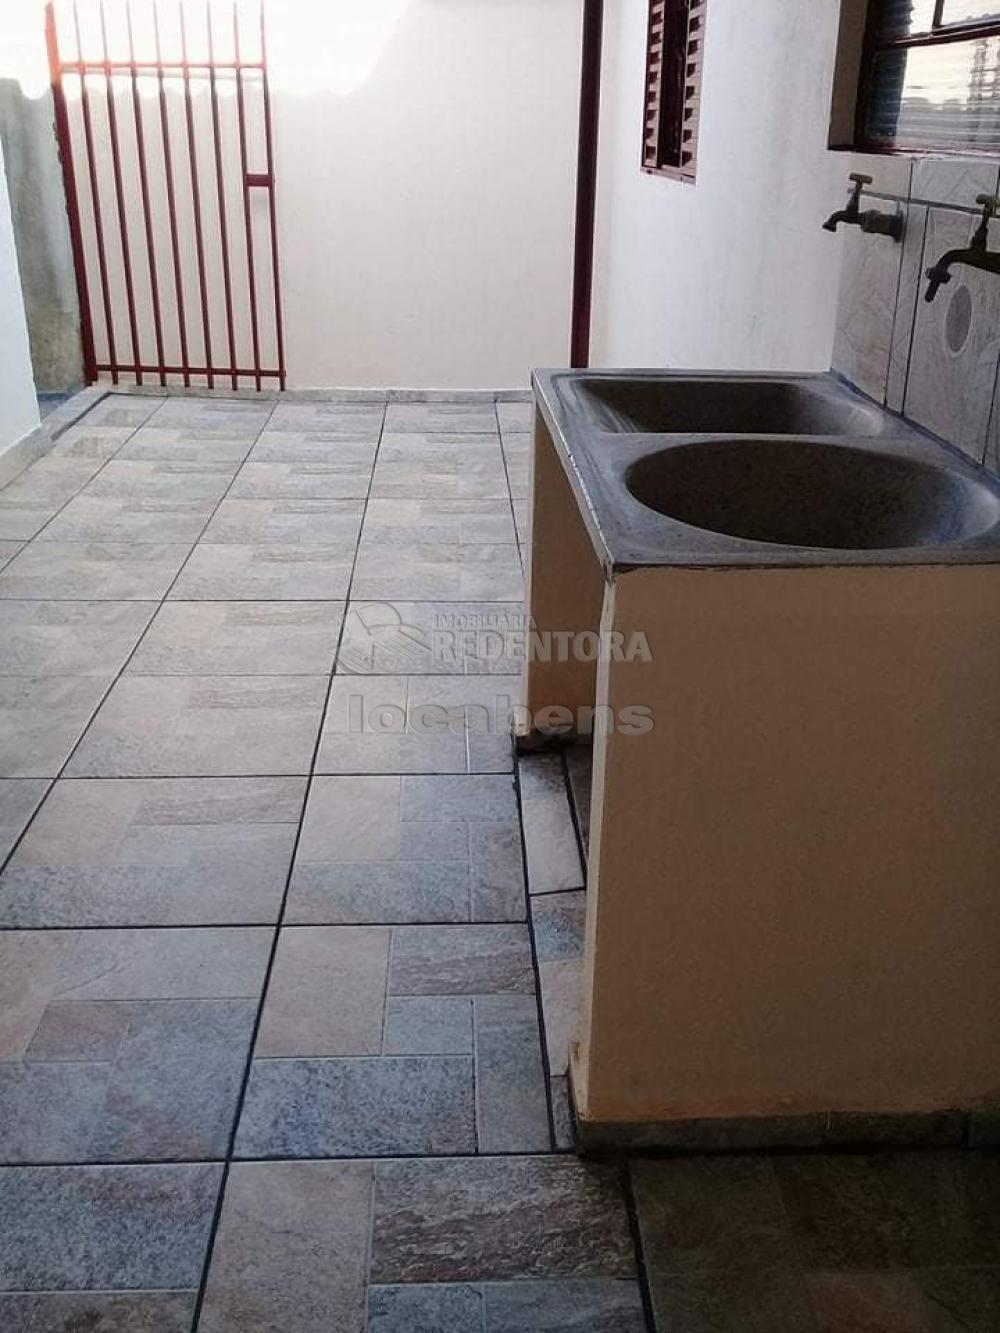 Comprar Casa / Padrão em São José do Rio Preto R$ 165.000,00 - Foto 7